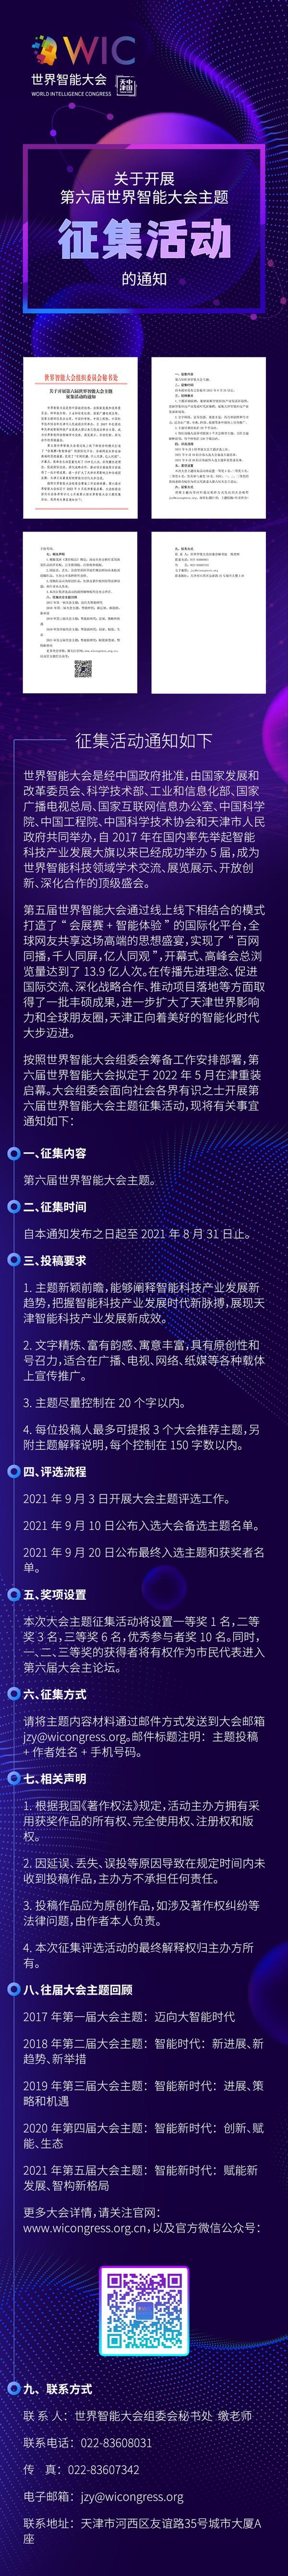 【津彩鲜知】关于开展第六届世界智能大会主题征集活动的通知